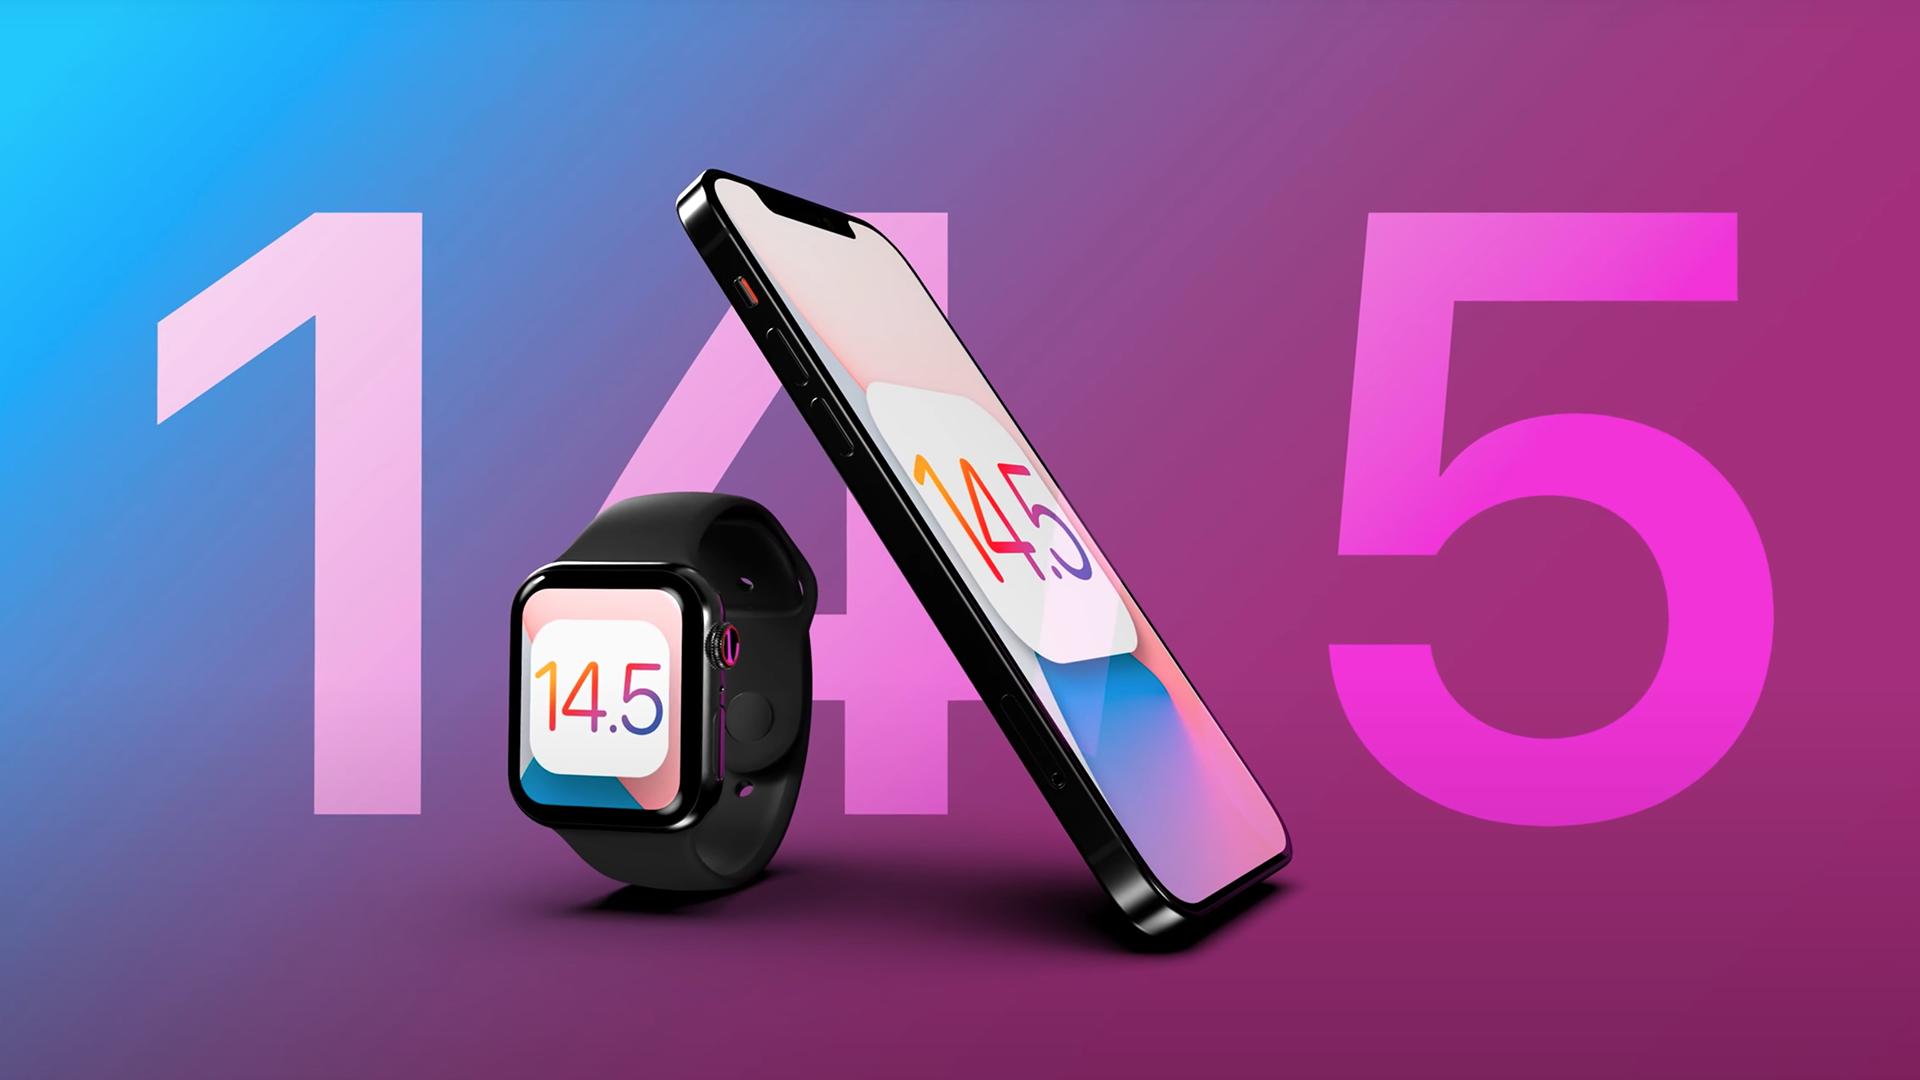 نظام iOS 14.5 سيحصل على إضافة صوتين جديدين من SIRI مع تعديل قياس صحة البطارية